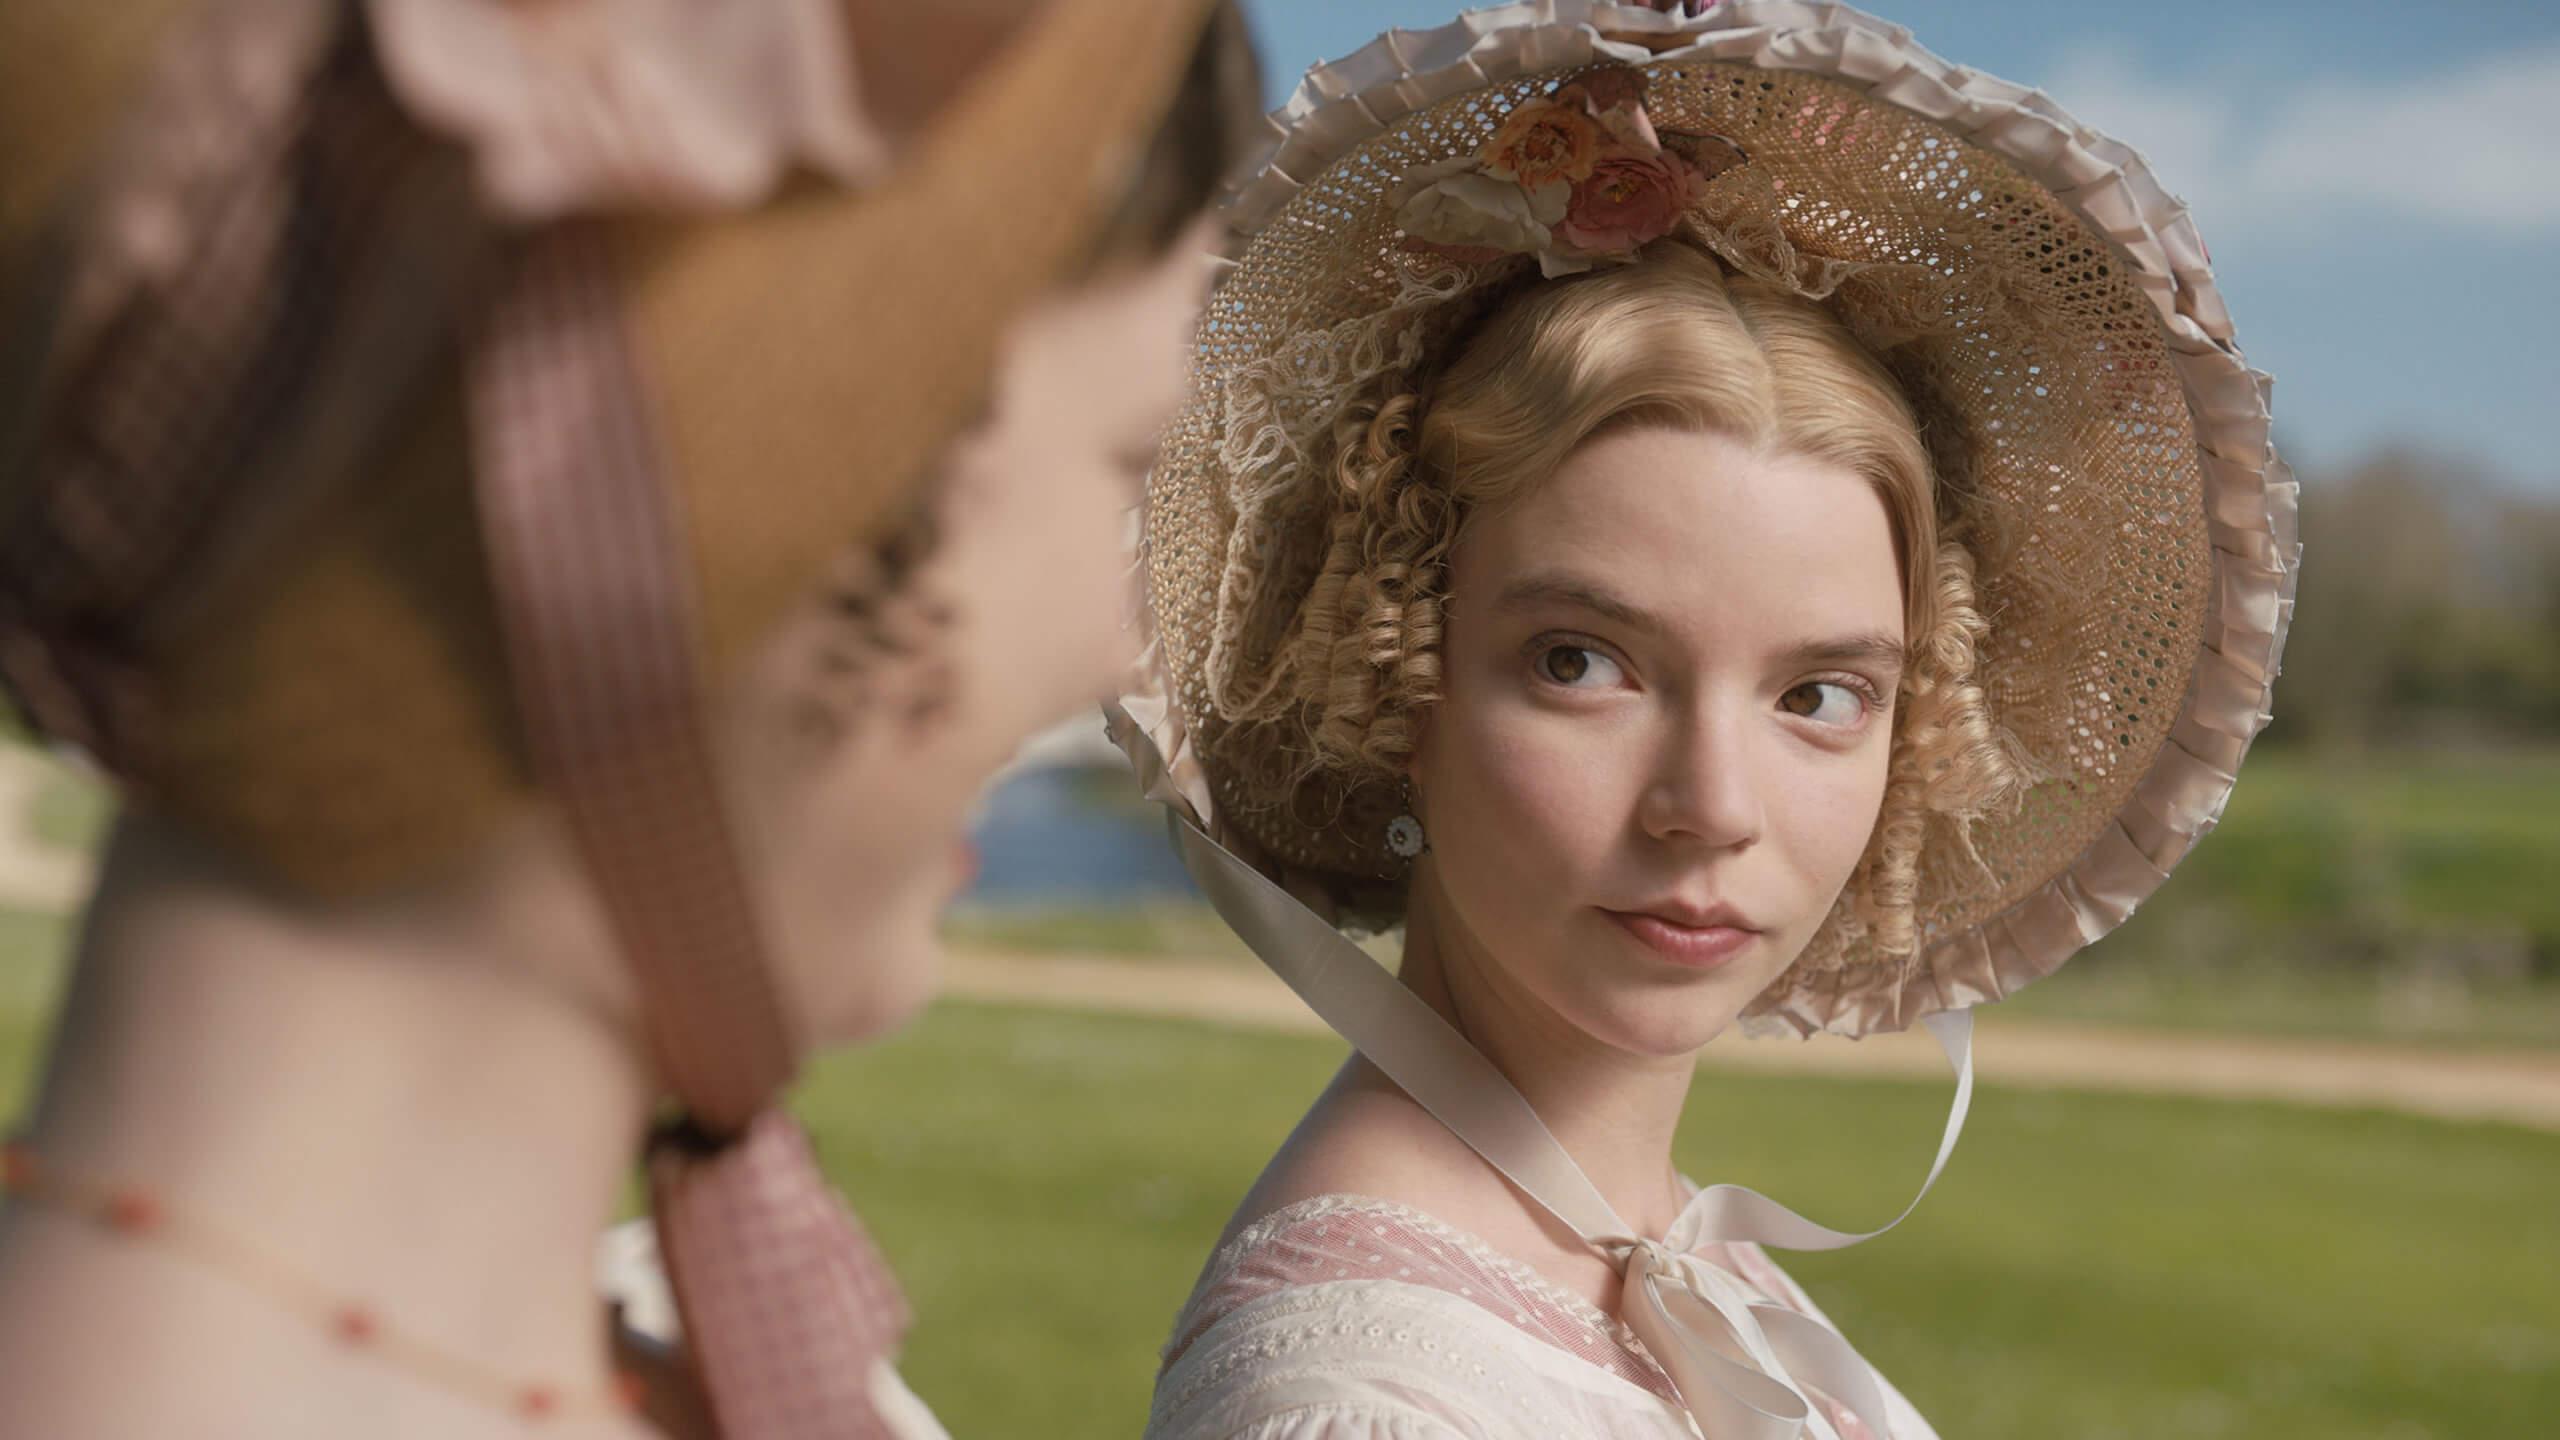 emma.-anya taylor-joy-movie-2020